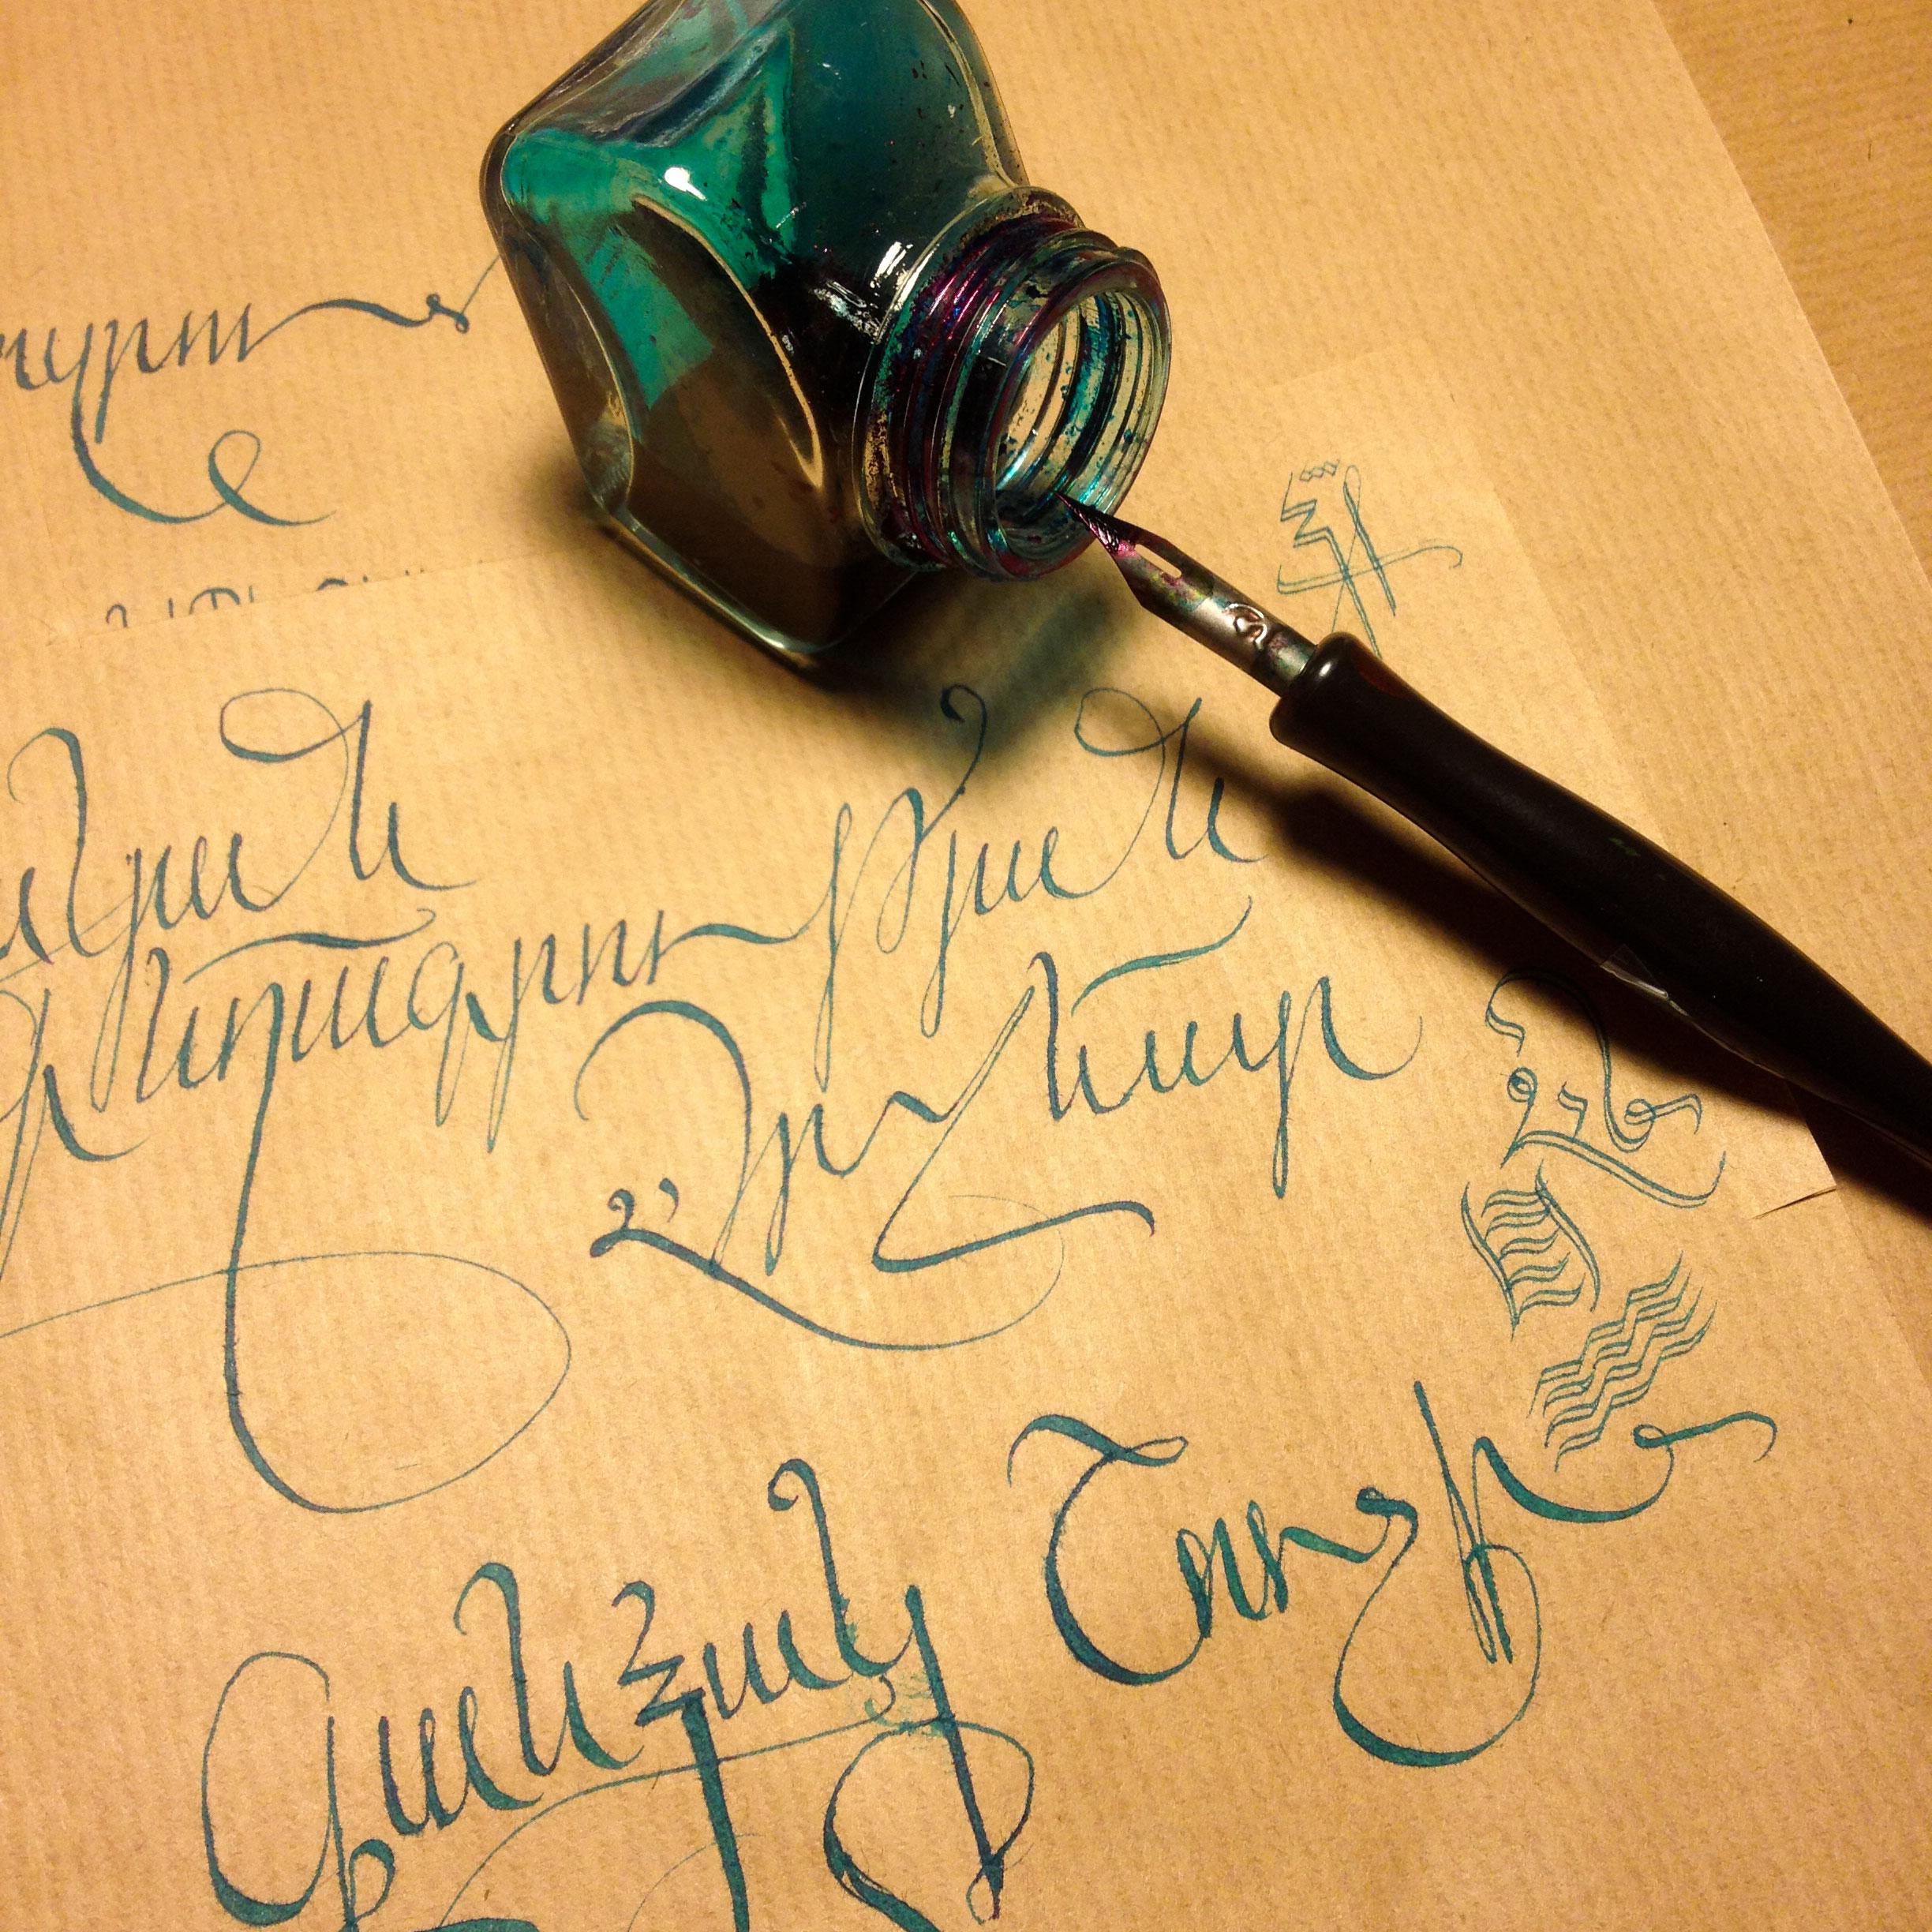 Malayan-calligraphy